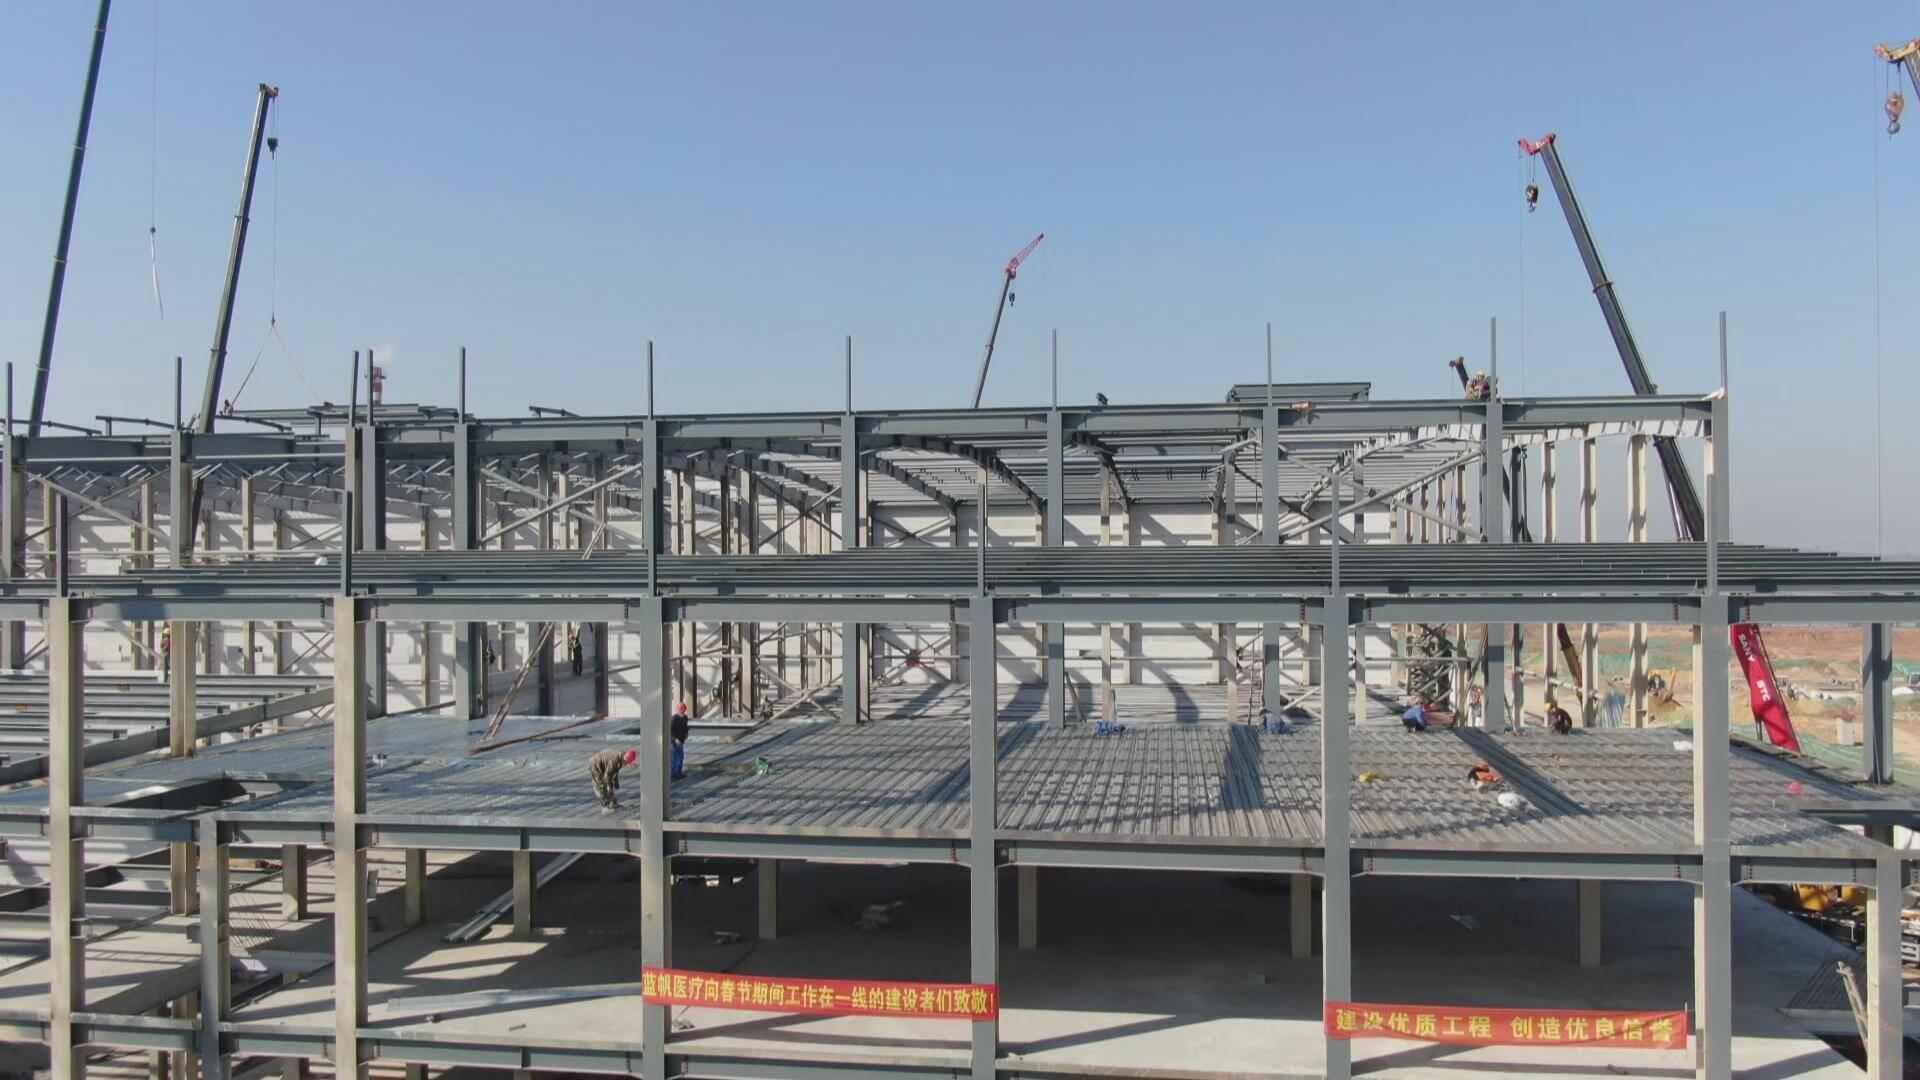 2021年省重大项目名单公布 涉潍坊项目42个(附名单)